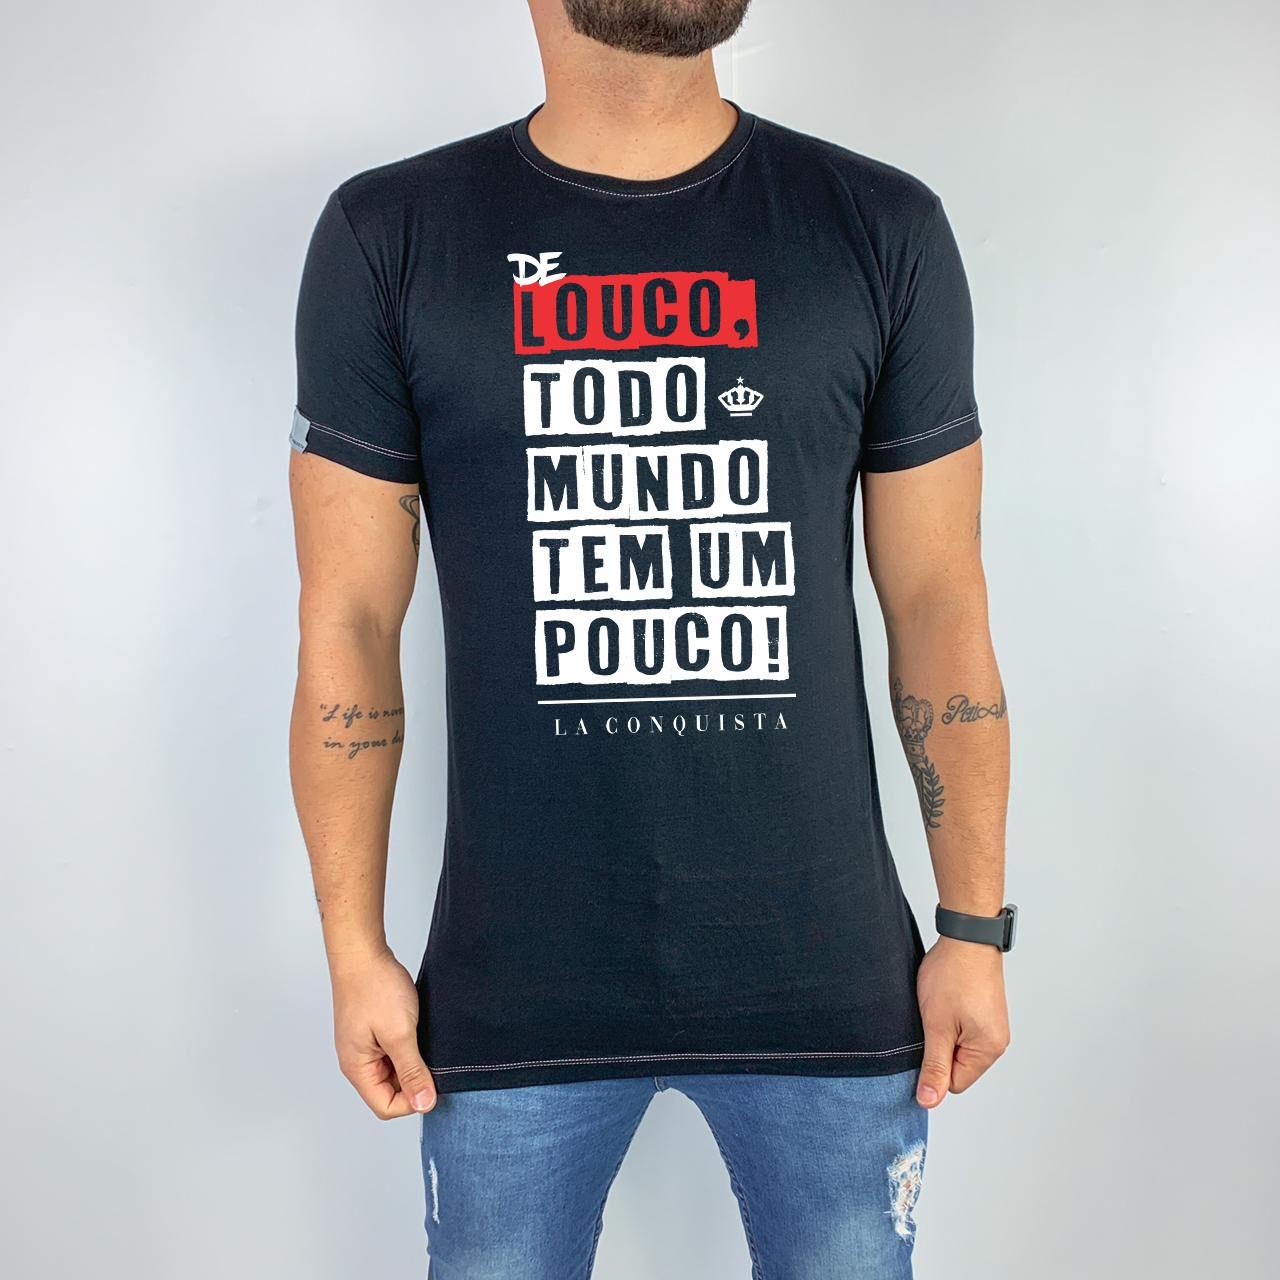 Camiseta De louco, todo mundo tem um pouco.